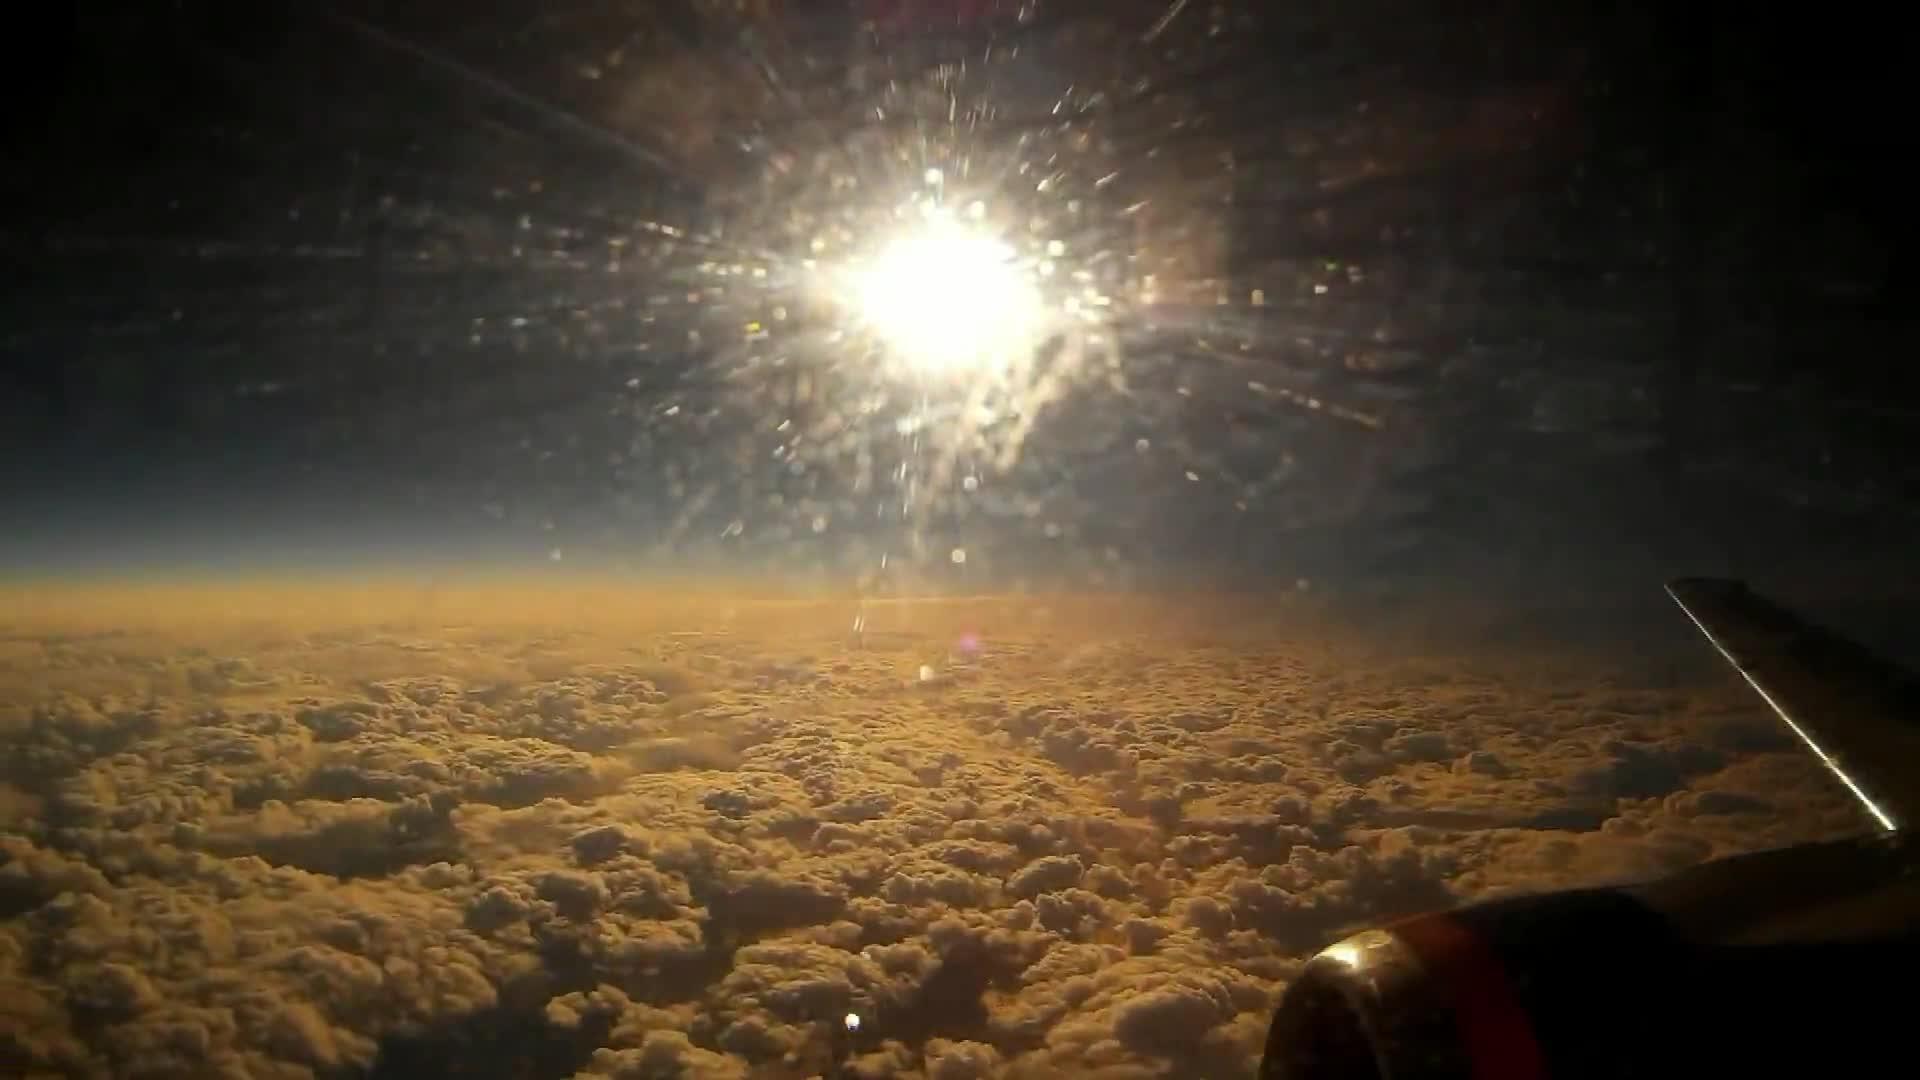 Nhật thực nhìn từ máy bay, thật kỳ lạ!